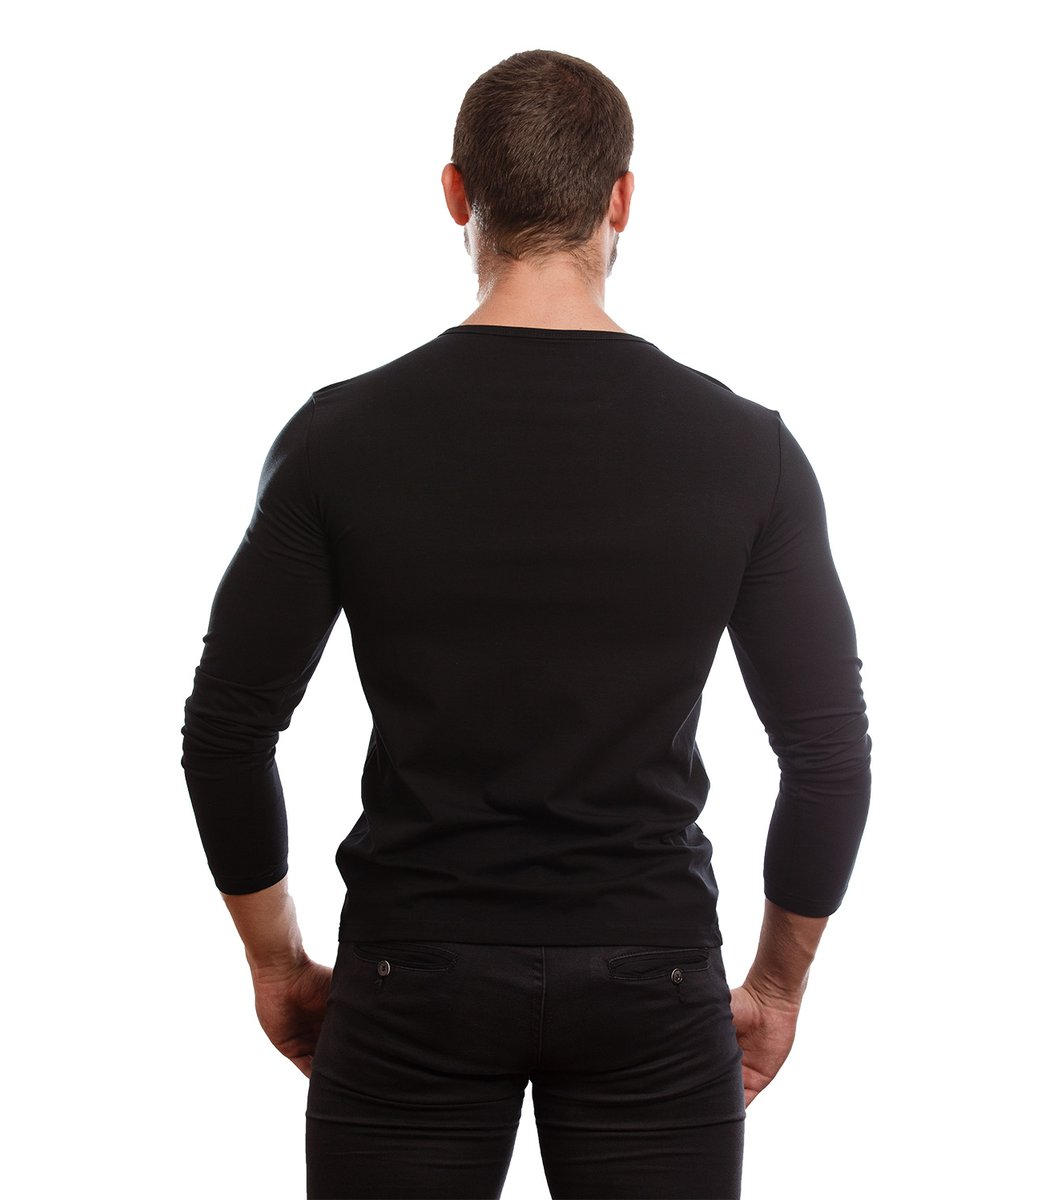 Пуловер Lacoste VL1 (Черный)